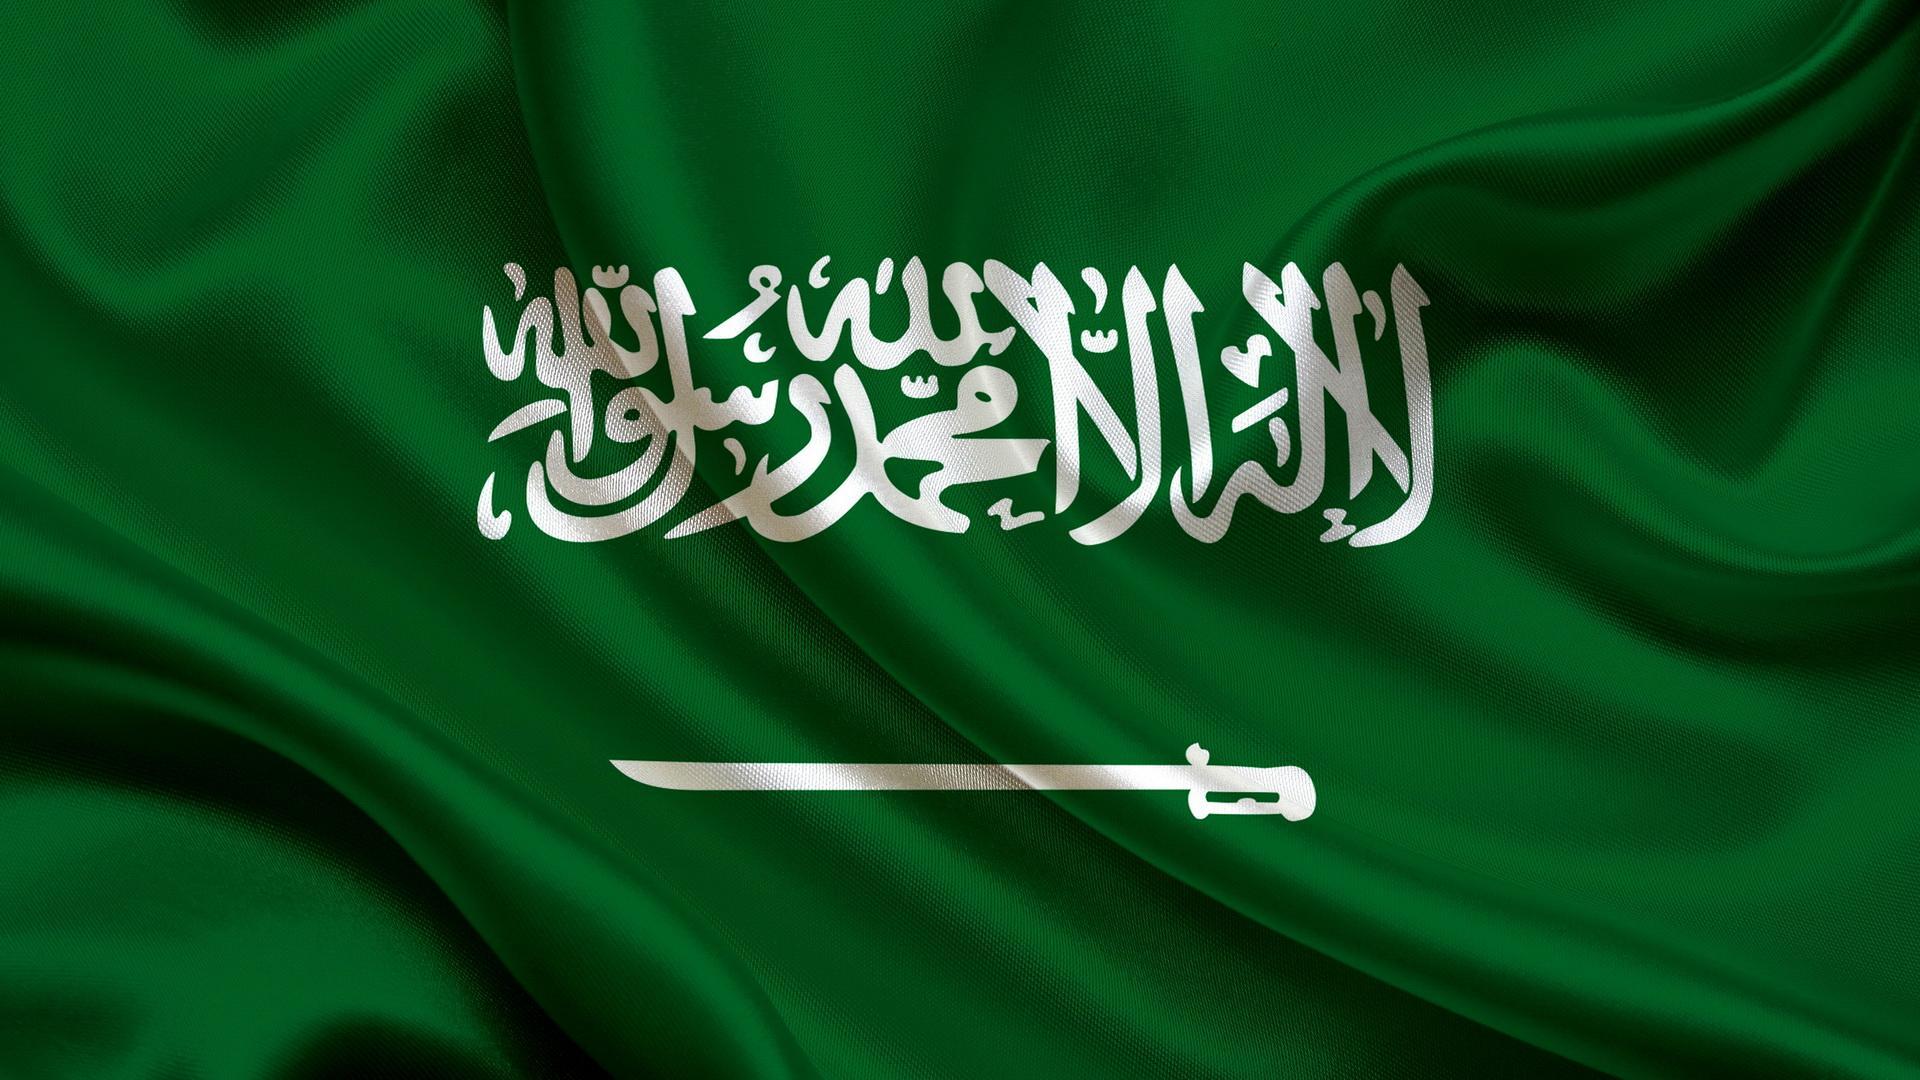 بالصور صورة علم السعودية خلفيات اعلام السعودية 5d2948f9b85d01afad9a666bddb40095